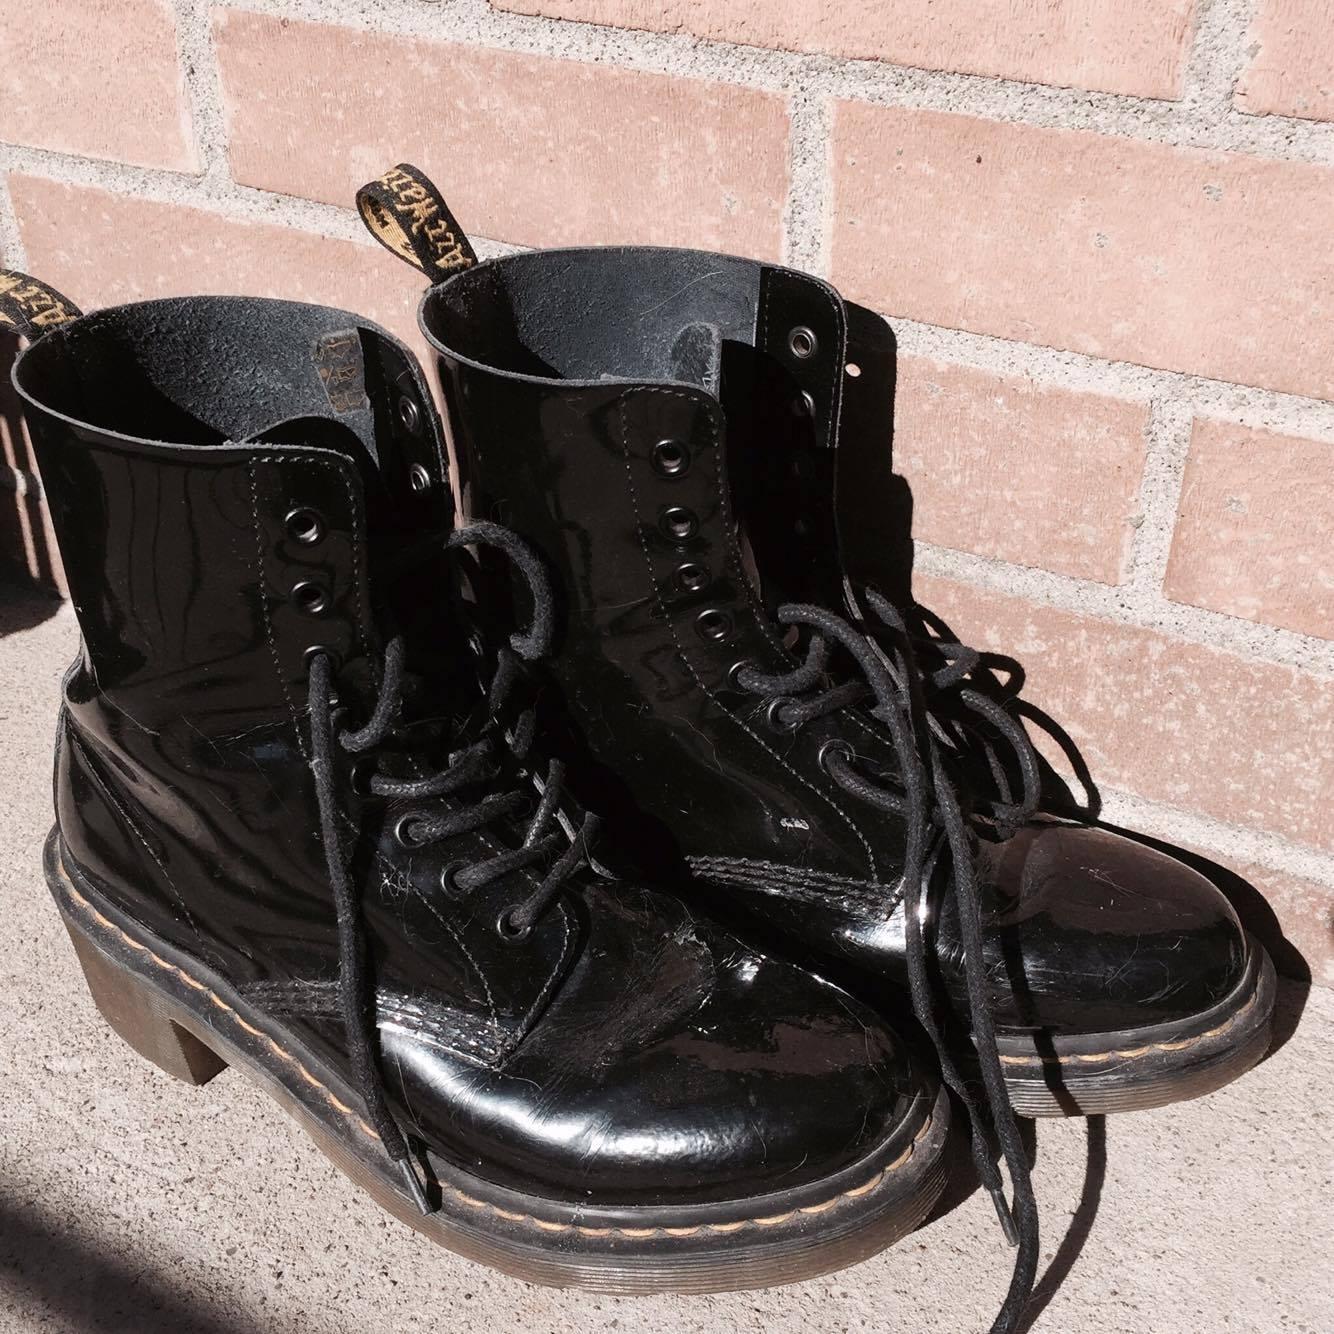 bottes noires boots fashion mode martens docs